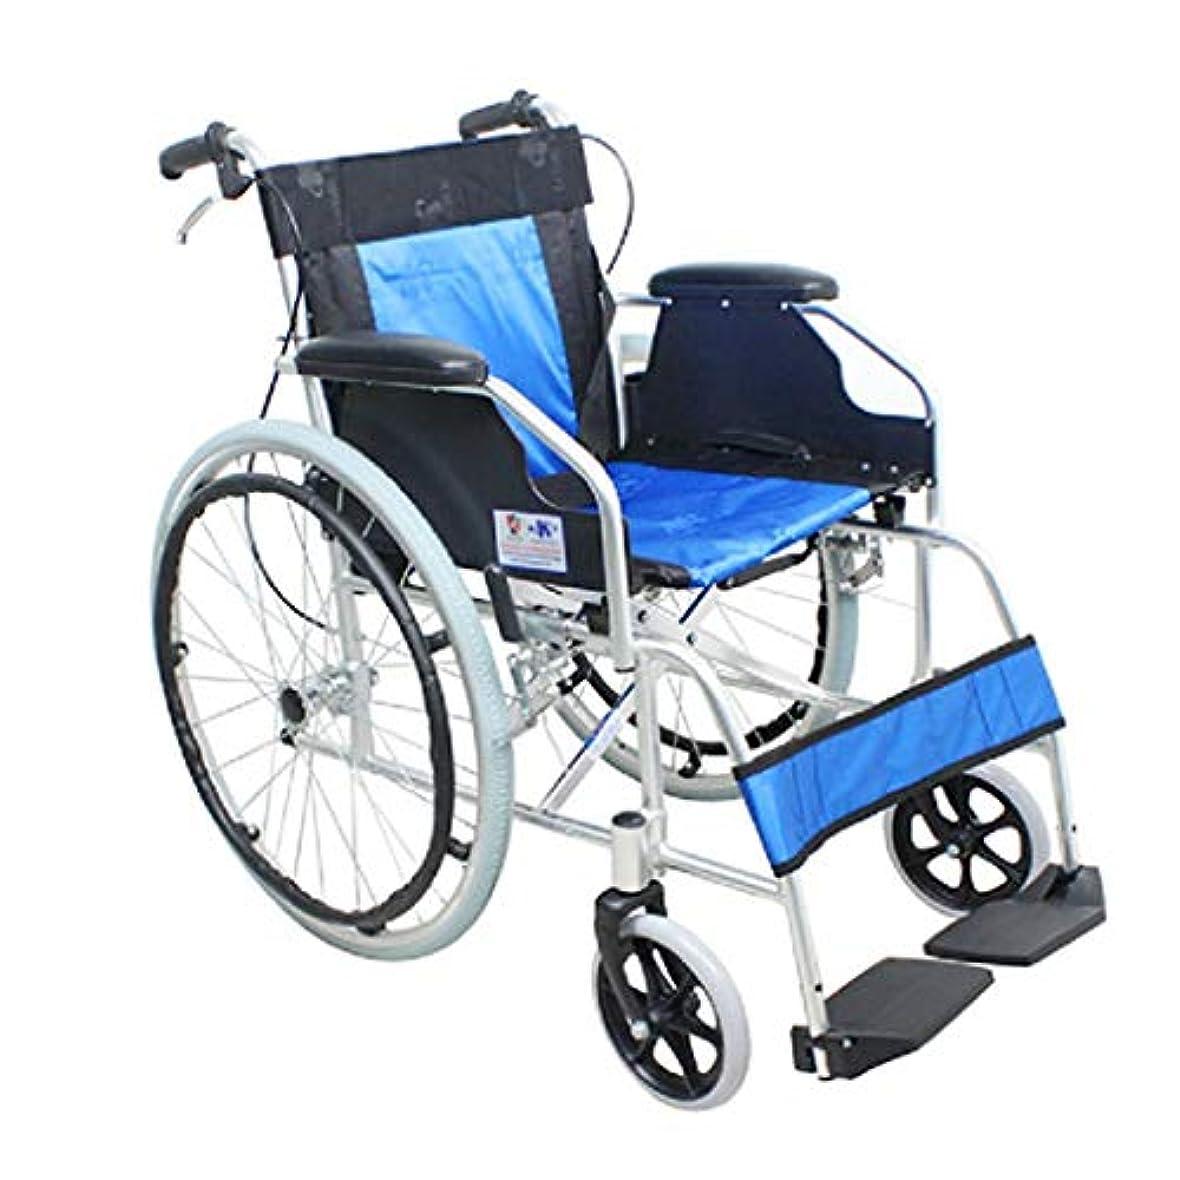 独創的ジム窓アルミ合金車椅子折りたたみポータブル障害者高齢者車椅子4ブレーキデザインバックストレージバッグ